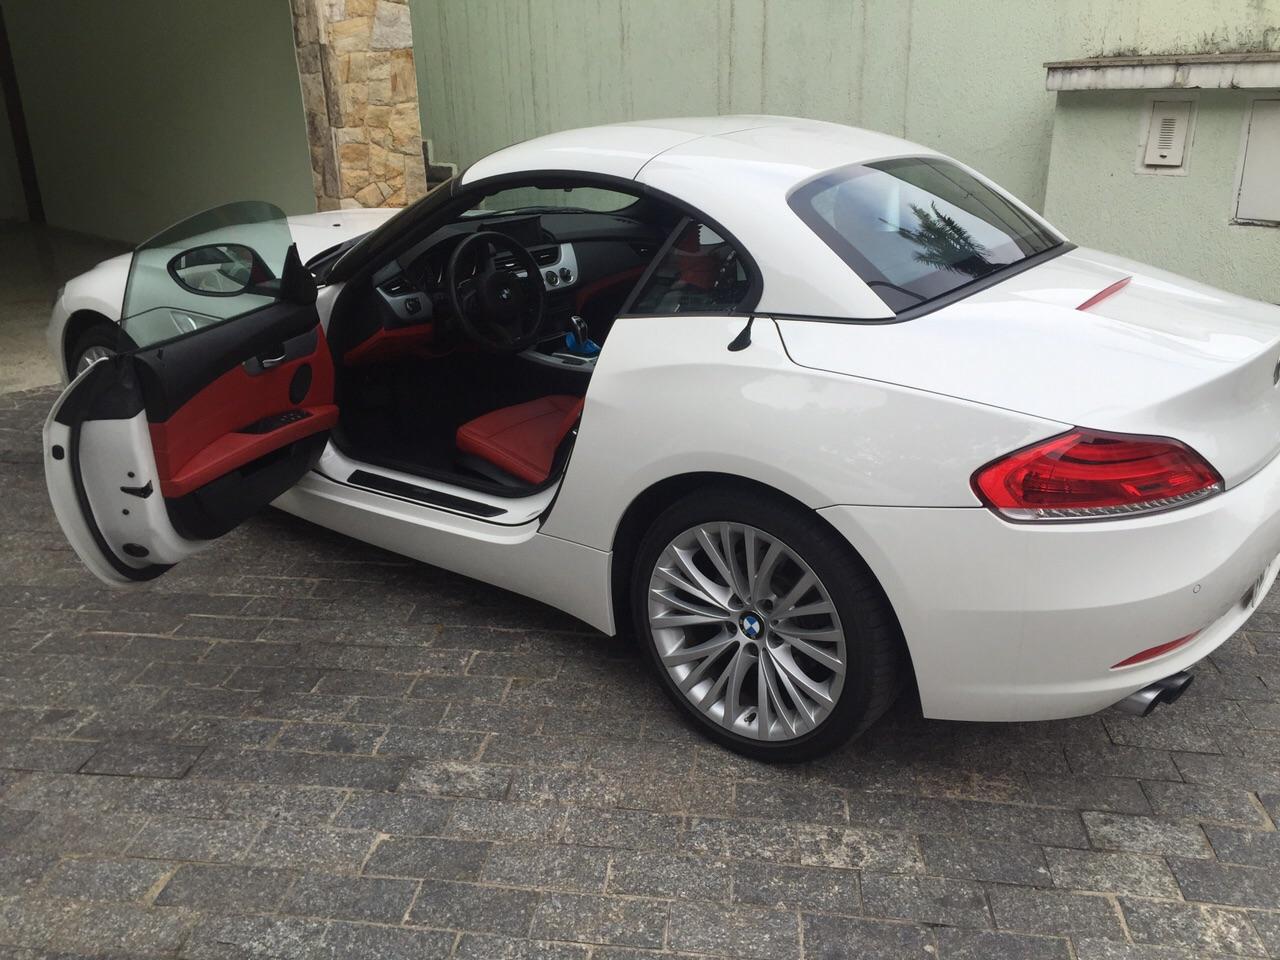 BMW Z4 2.0 S-Drive 20i Turbo